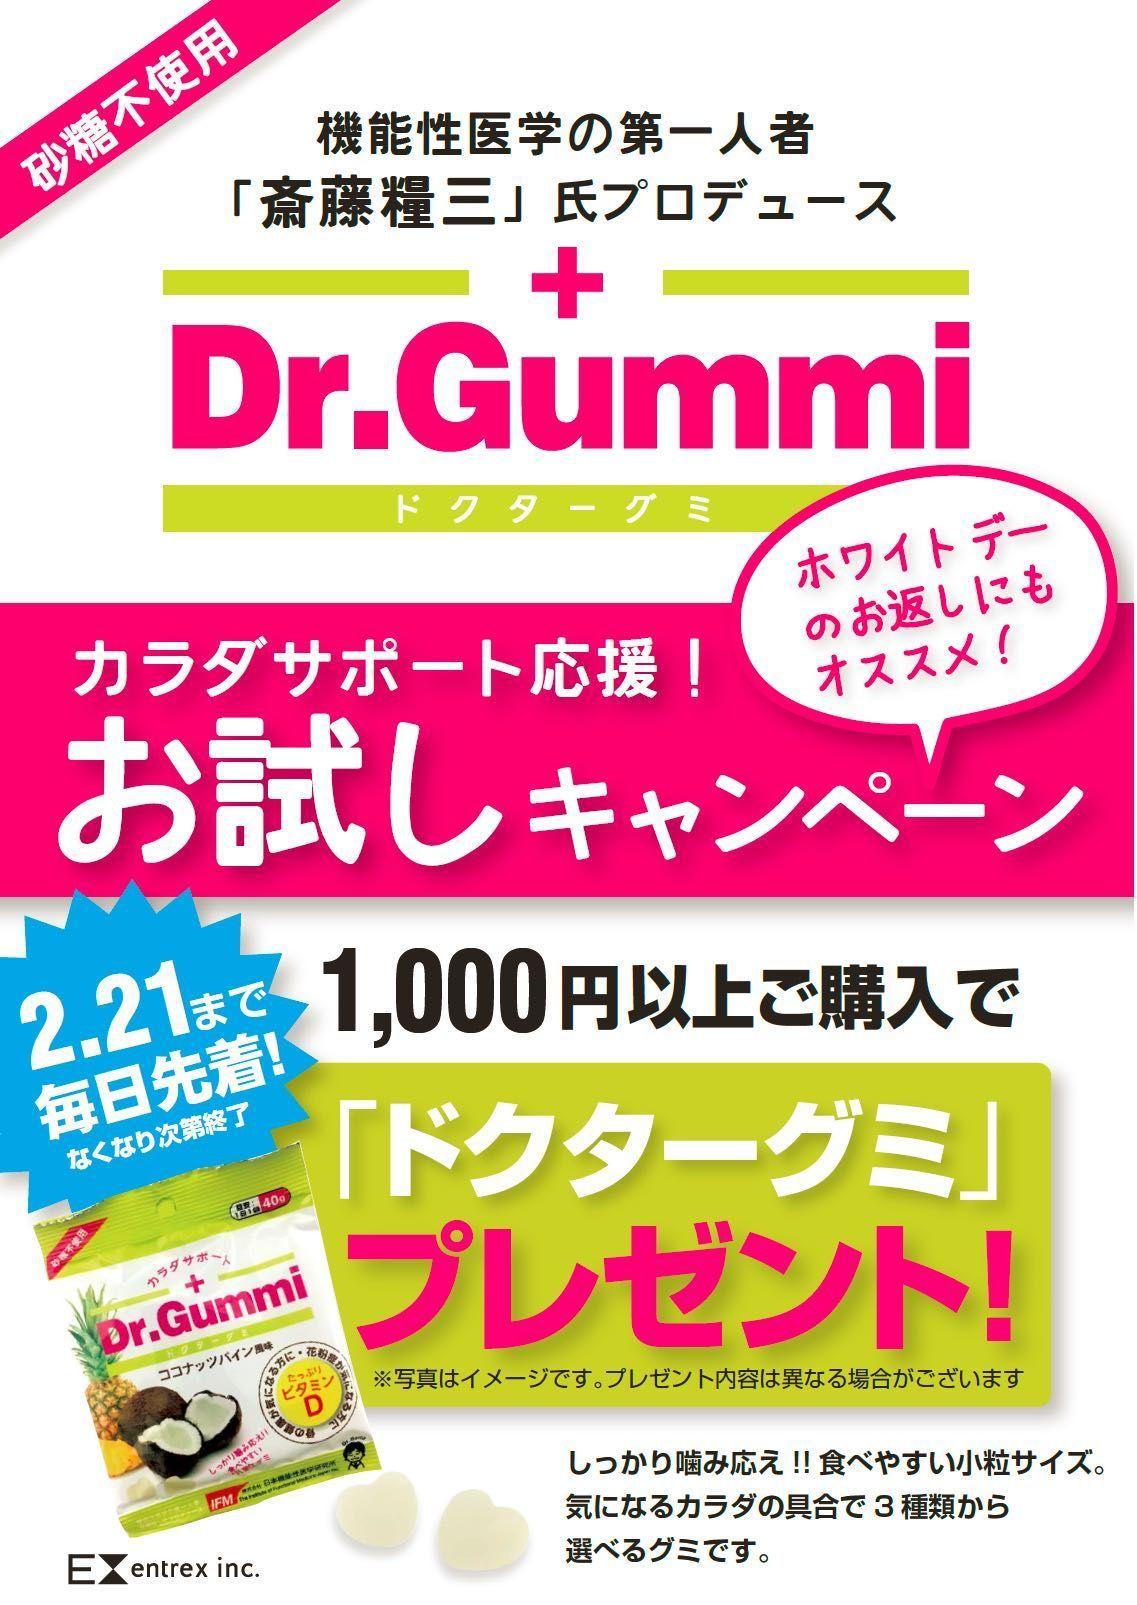 「Dr.Gummiプレゼント✩【キャンペーン】」の写真